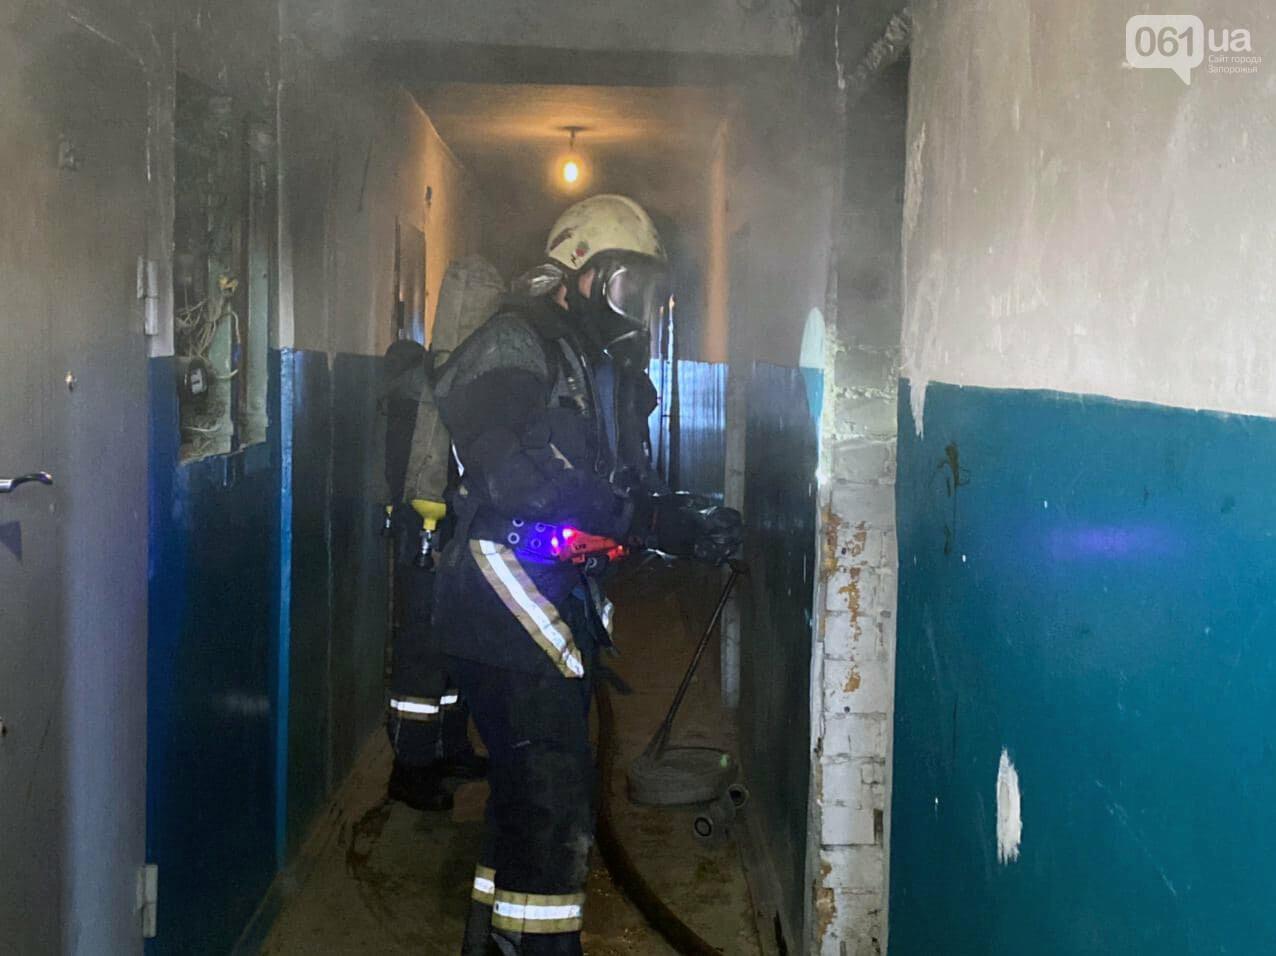 Пожар в запорожской девятиэтажке тушили 6 единиц техники и 22 спасателя, - ФОТО , фото-3